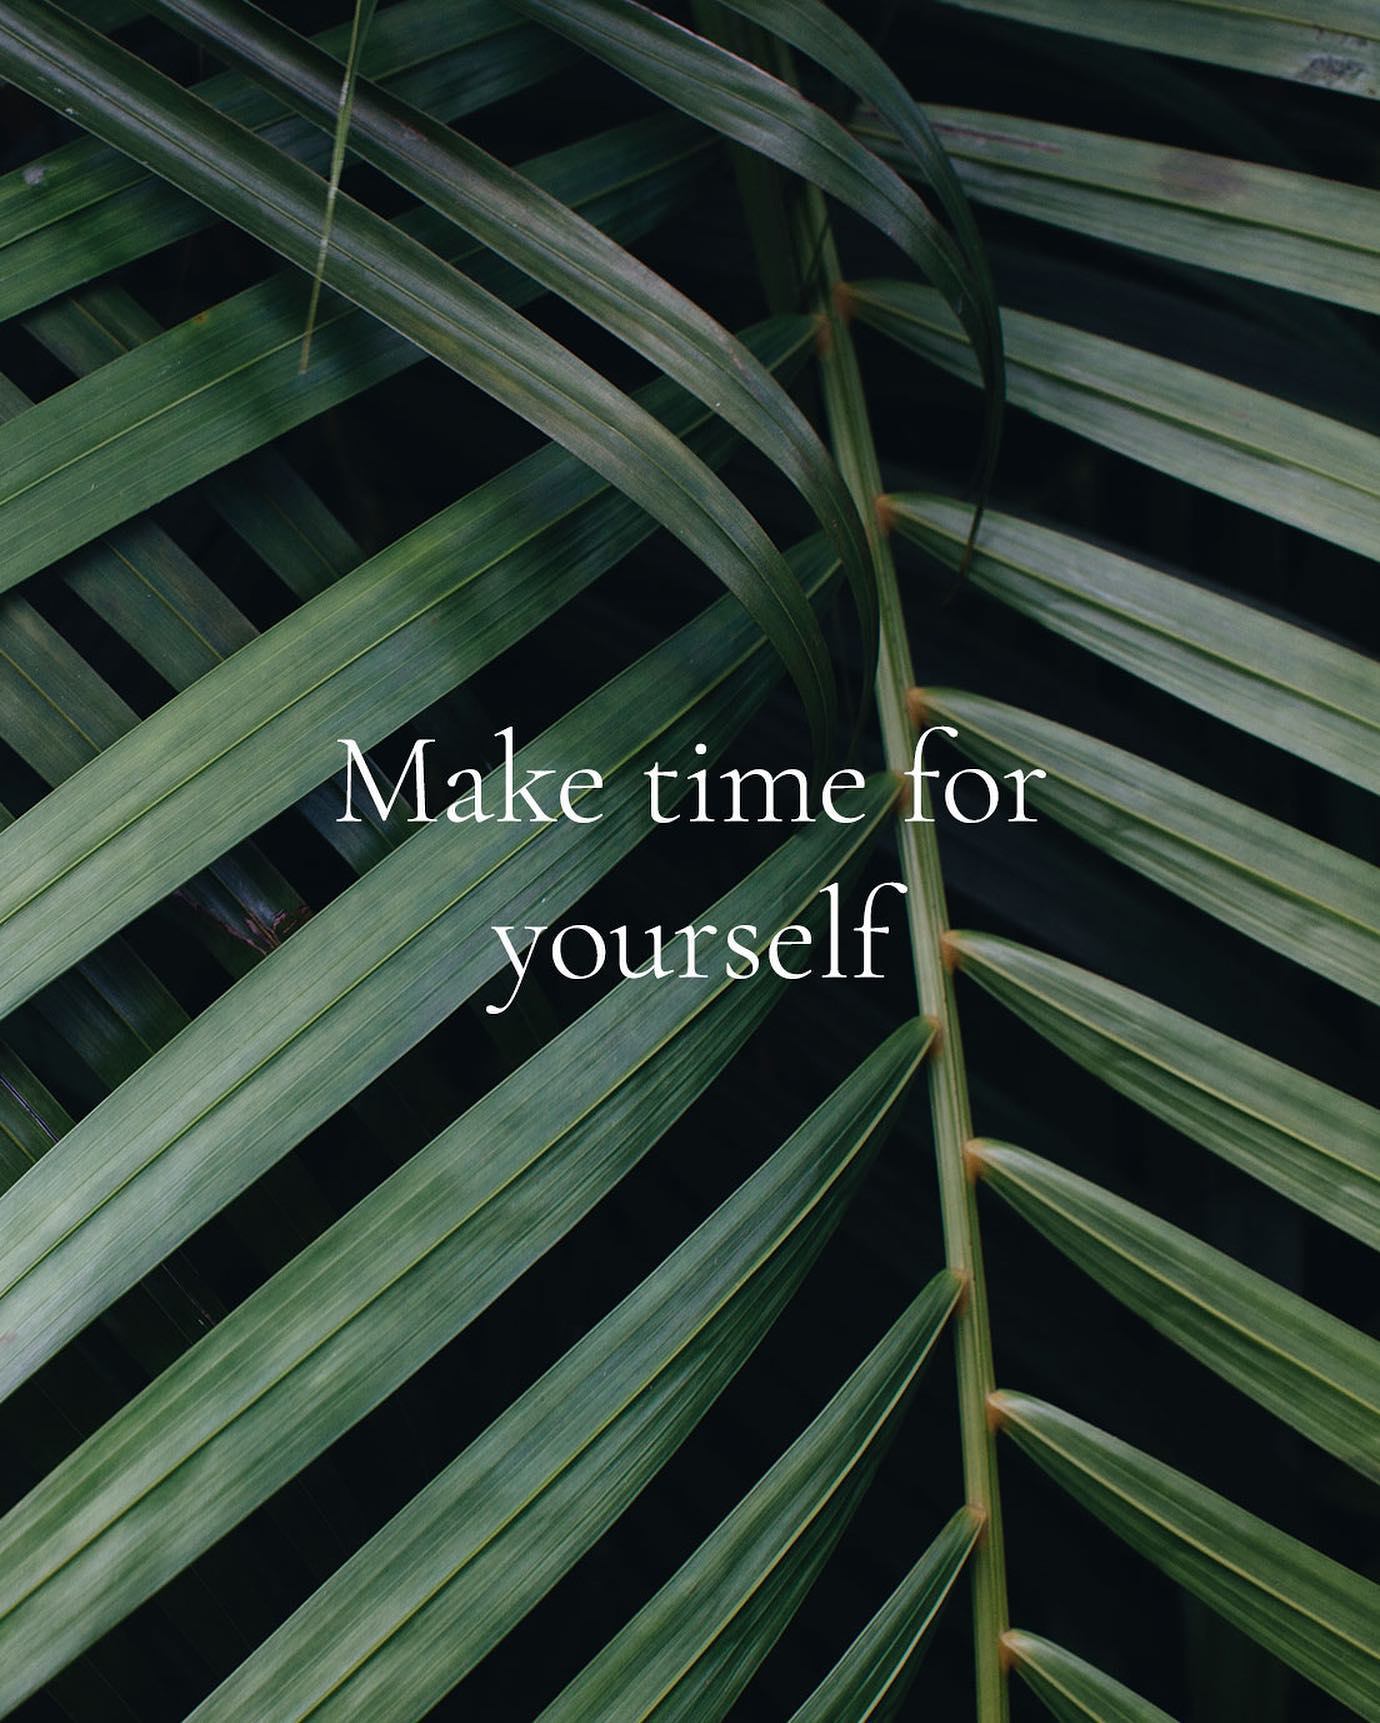 Reserva un tiempo del día para ti, para hacer algo que disfrutes o para no hacer nada 😊 ¡Verás cómo cambia tu estado de ánim